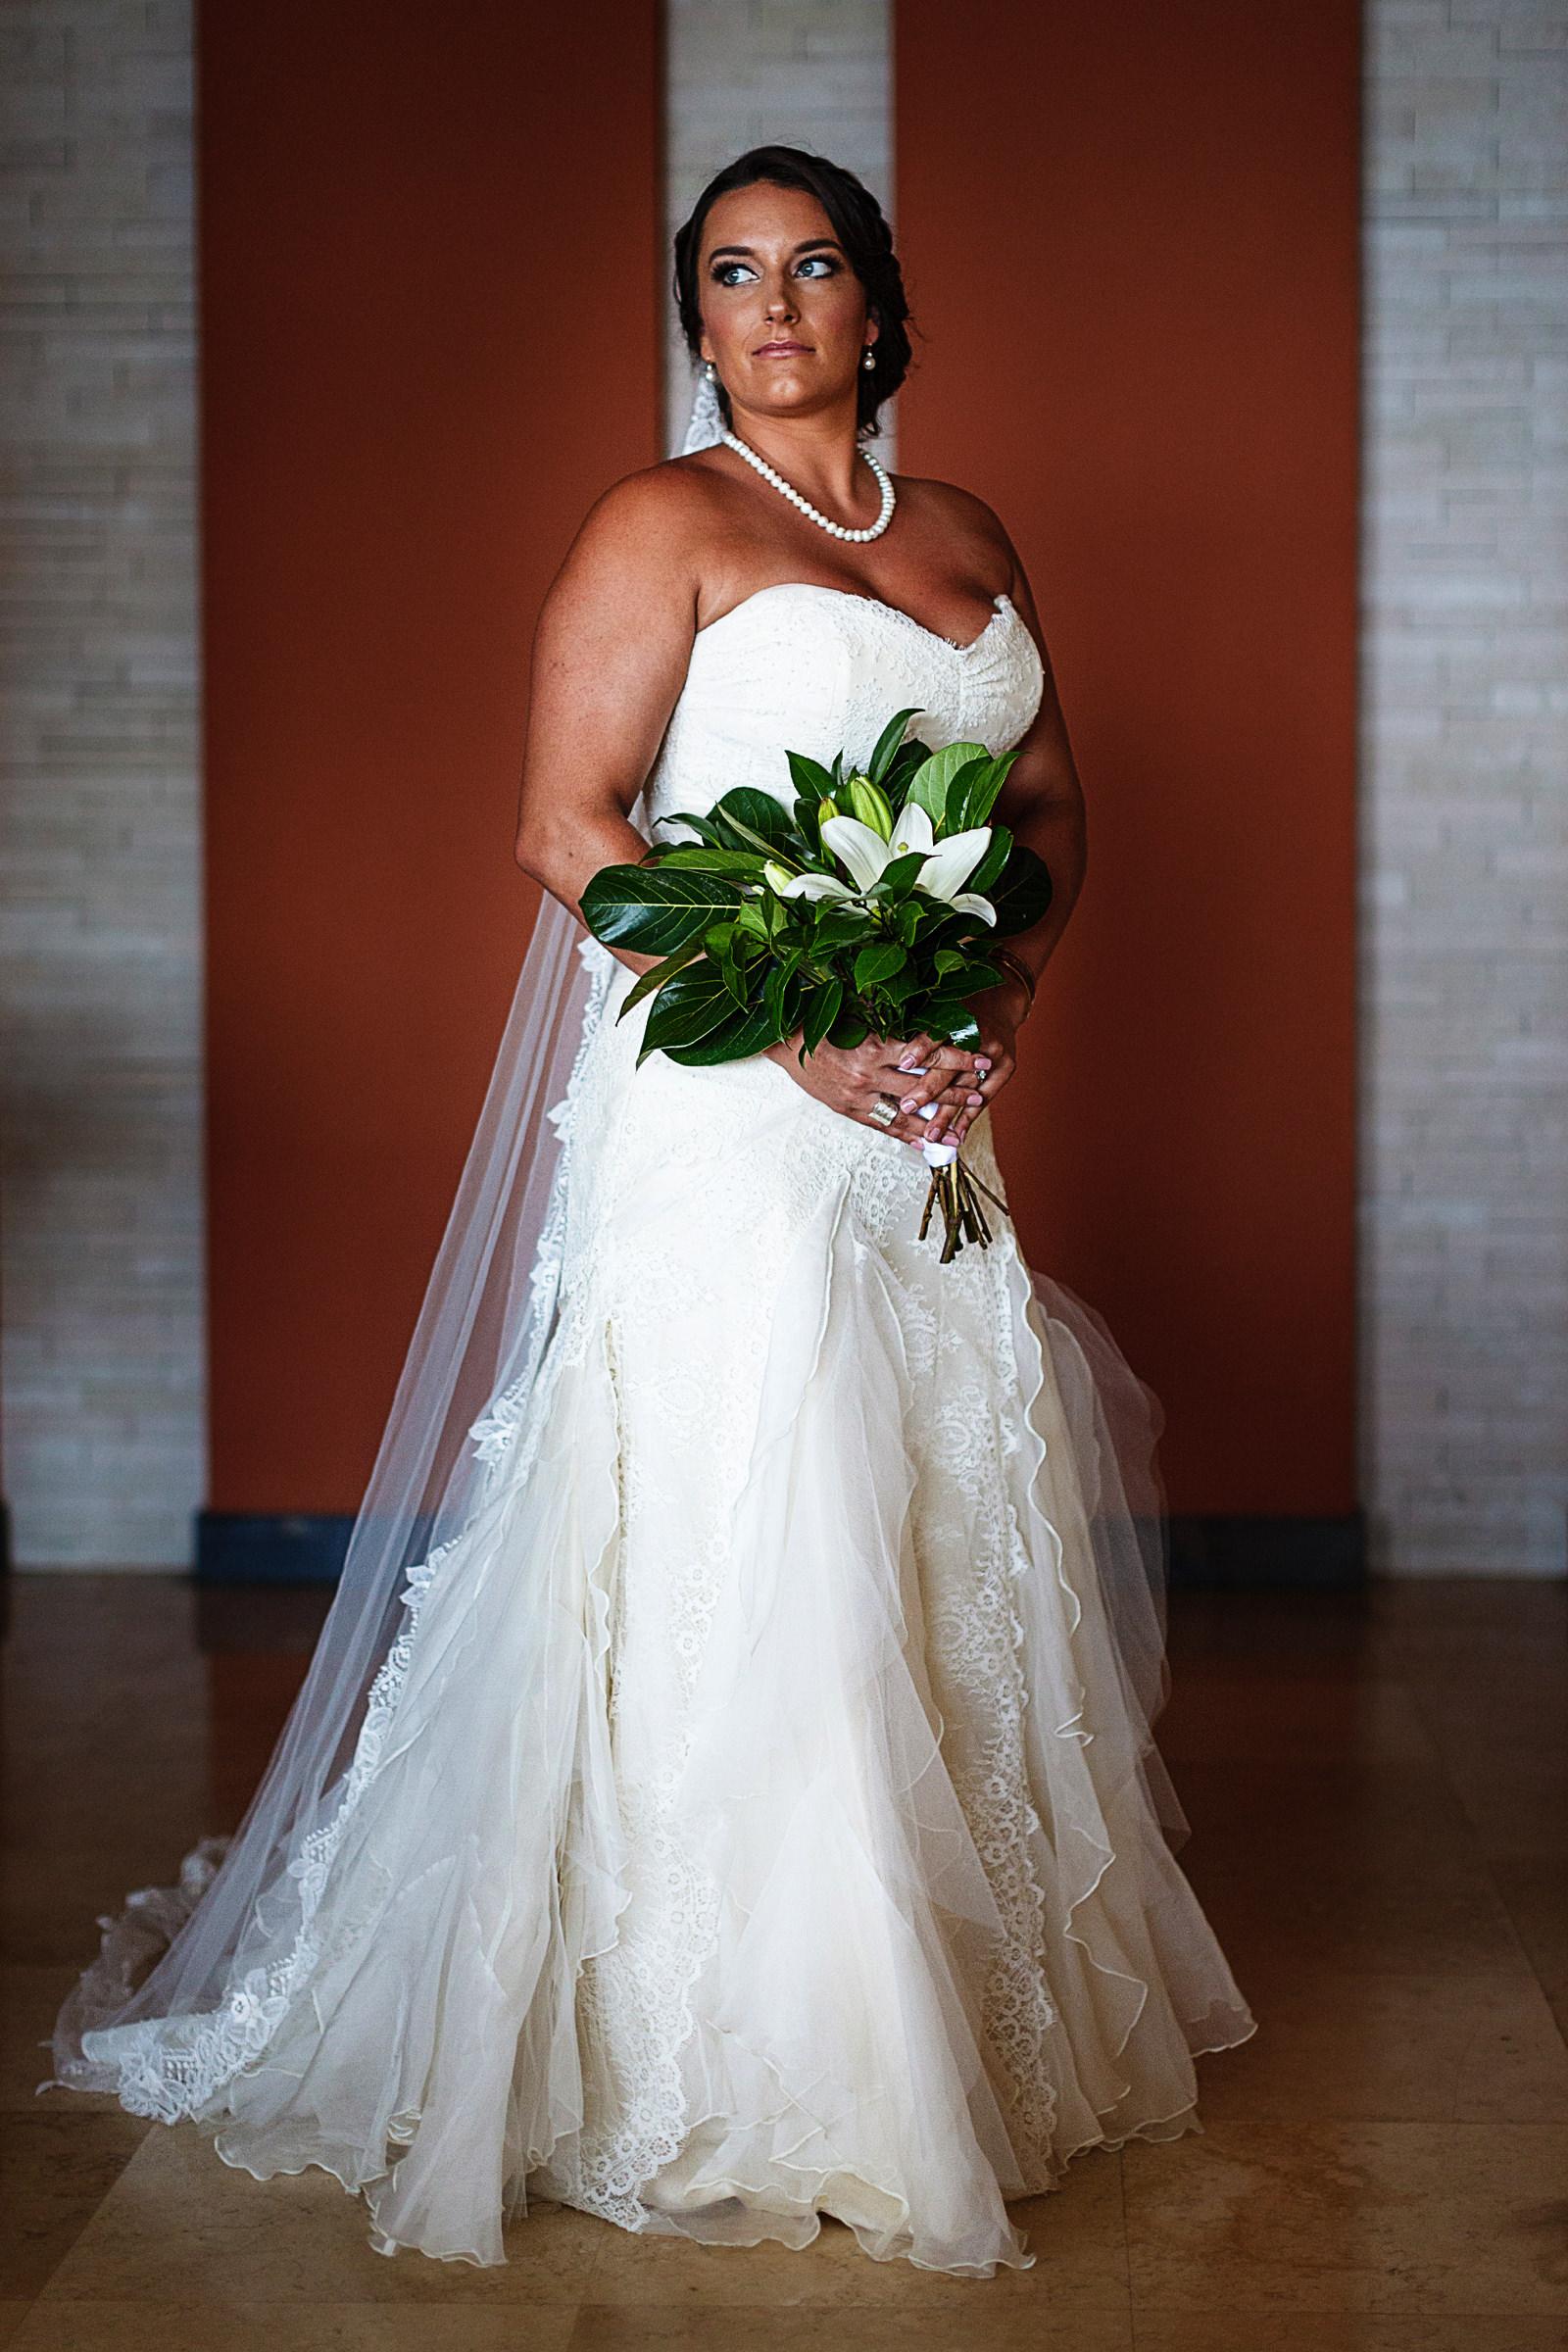 Bride-portrait-bouquet